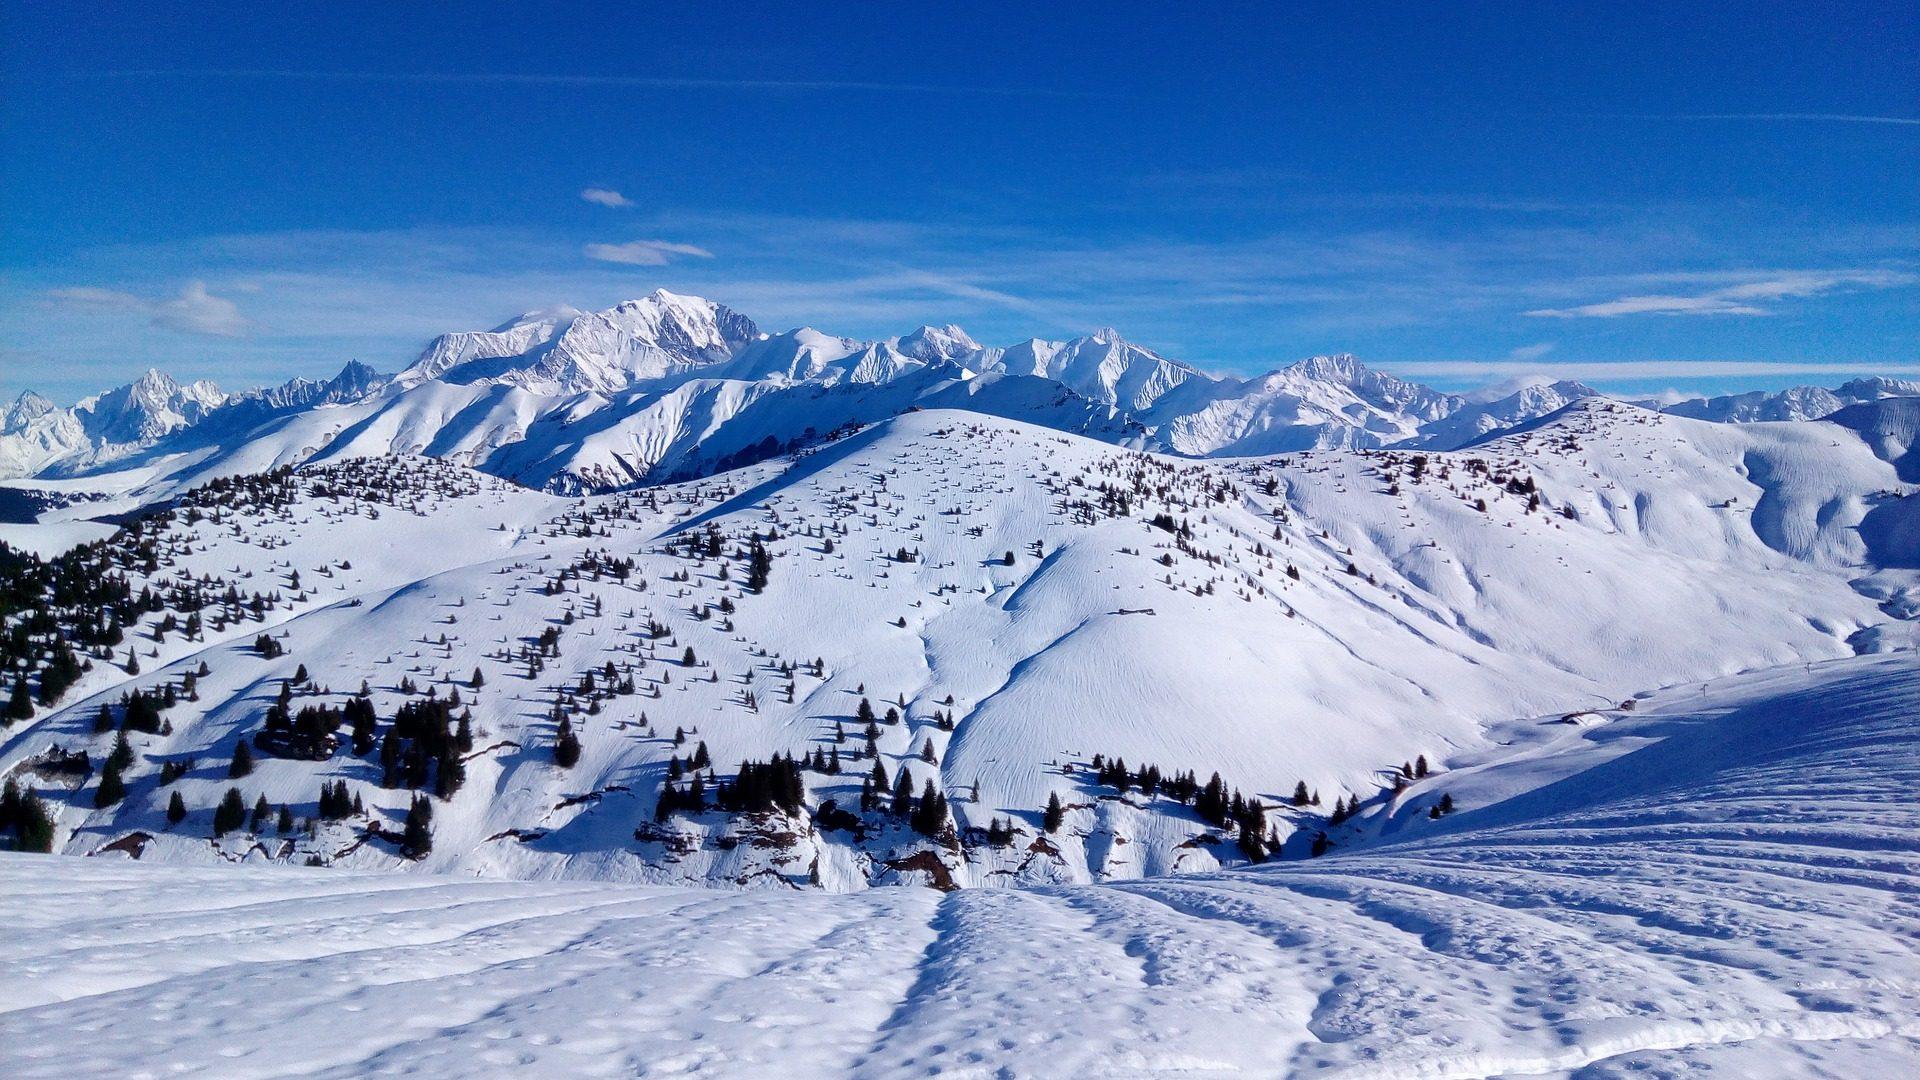 Montanha, Nevada, neve, árvores, faixas, Esquí - Papéis de parede HD - Professor-falken.com